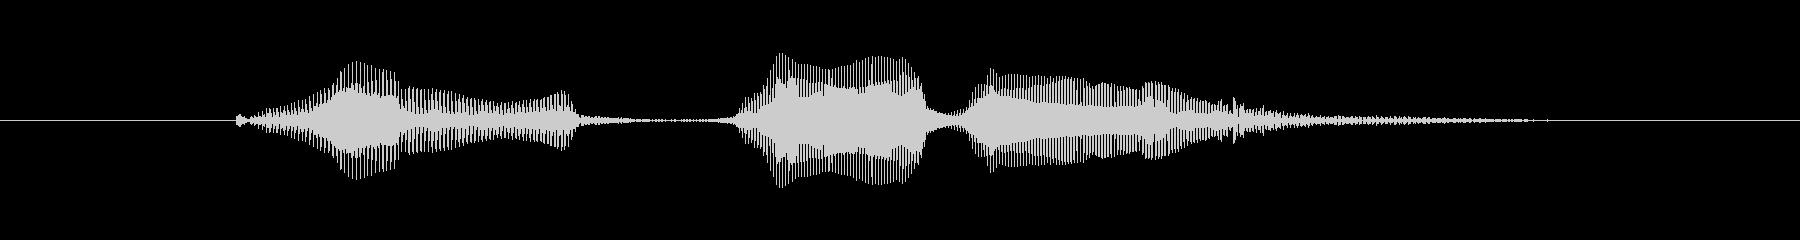 がんばれっの未再生の波形